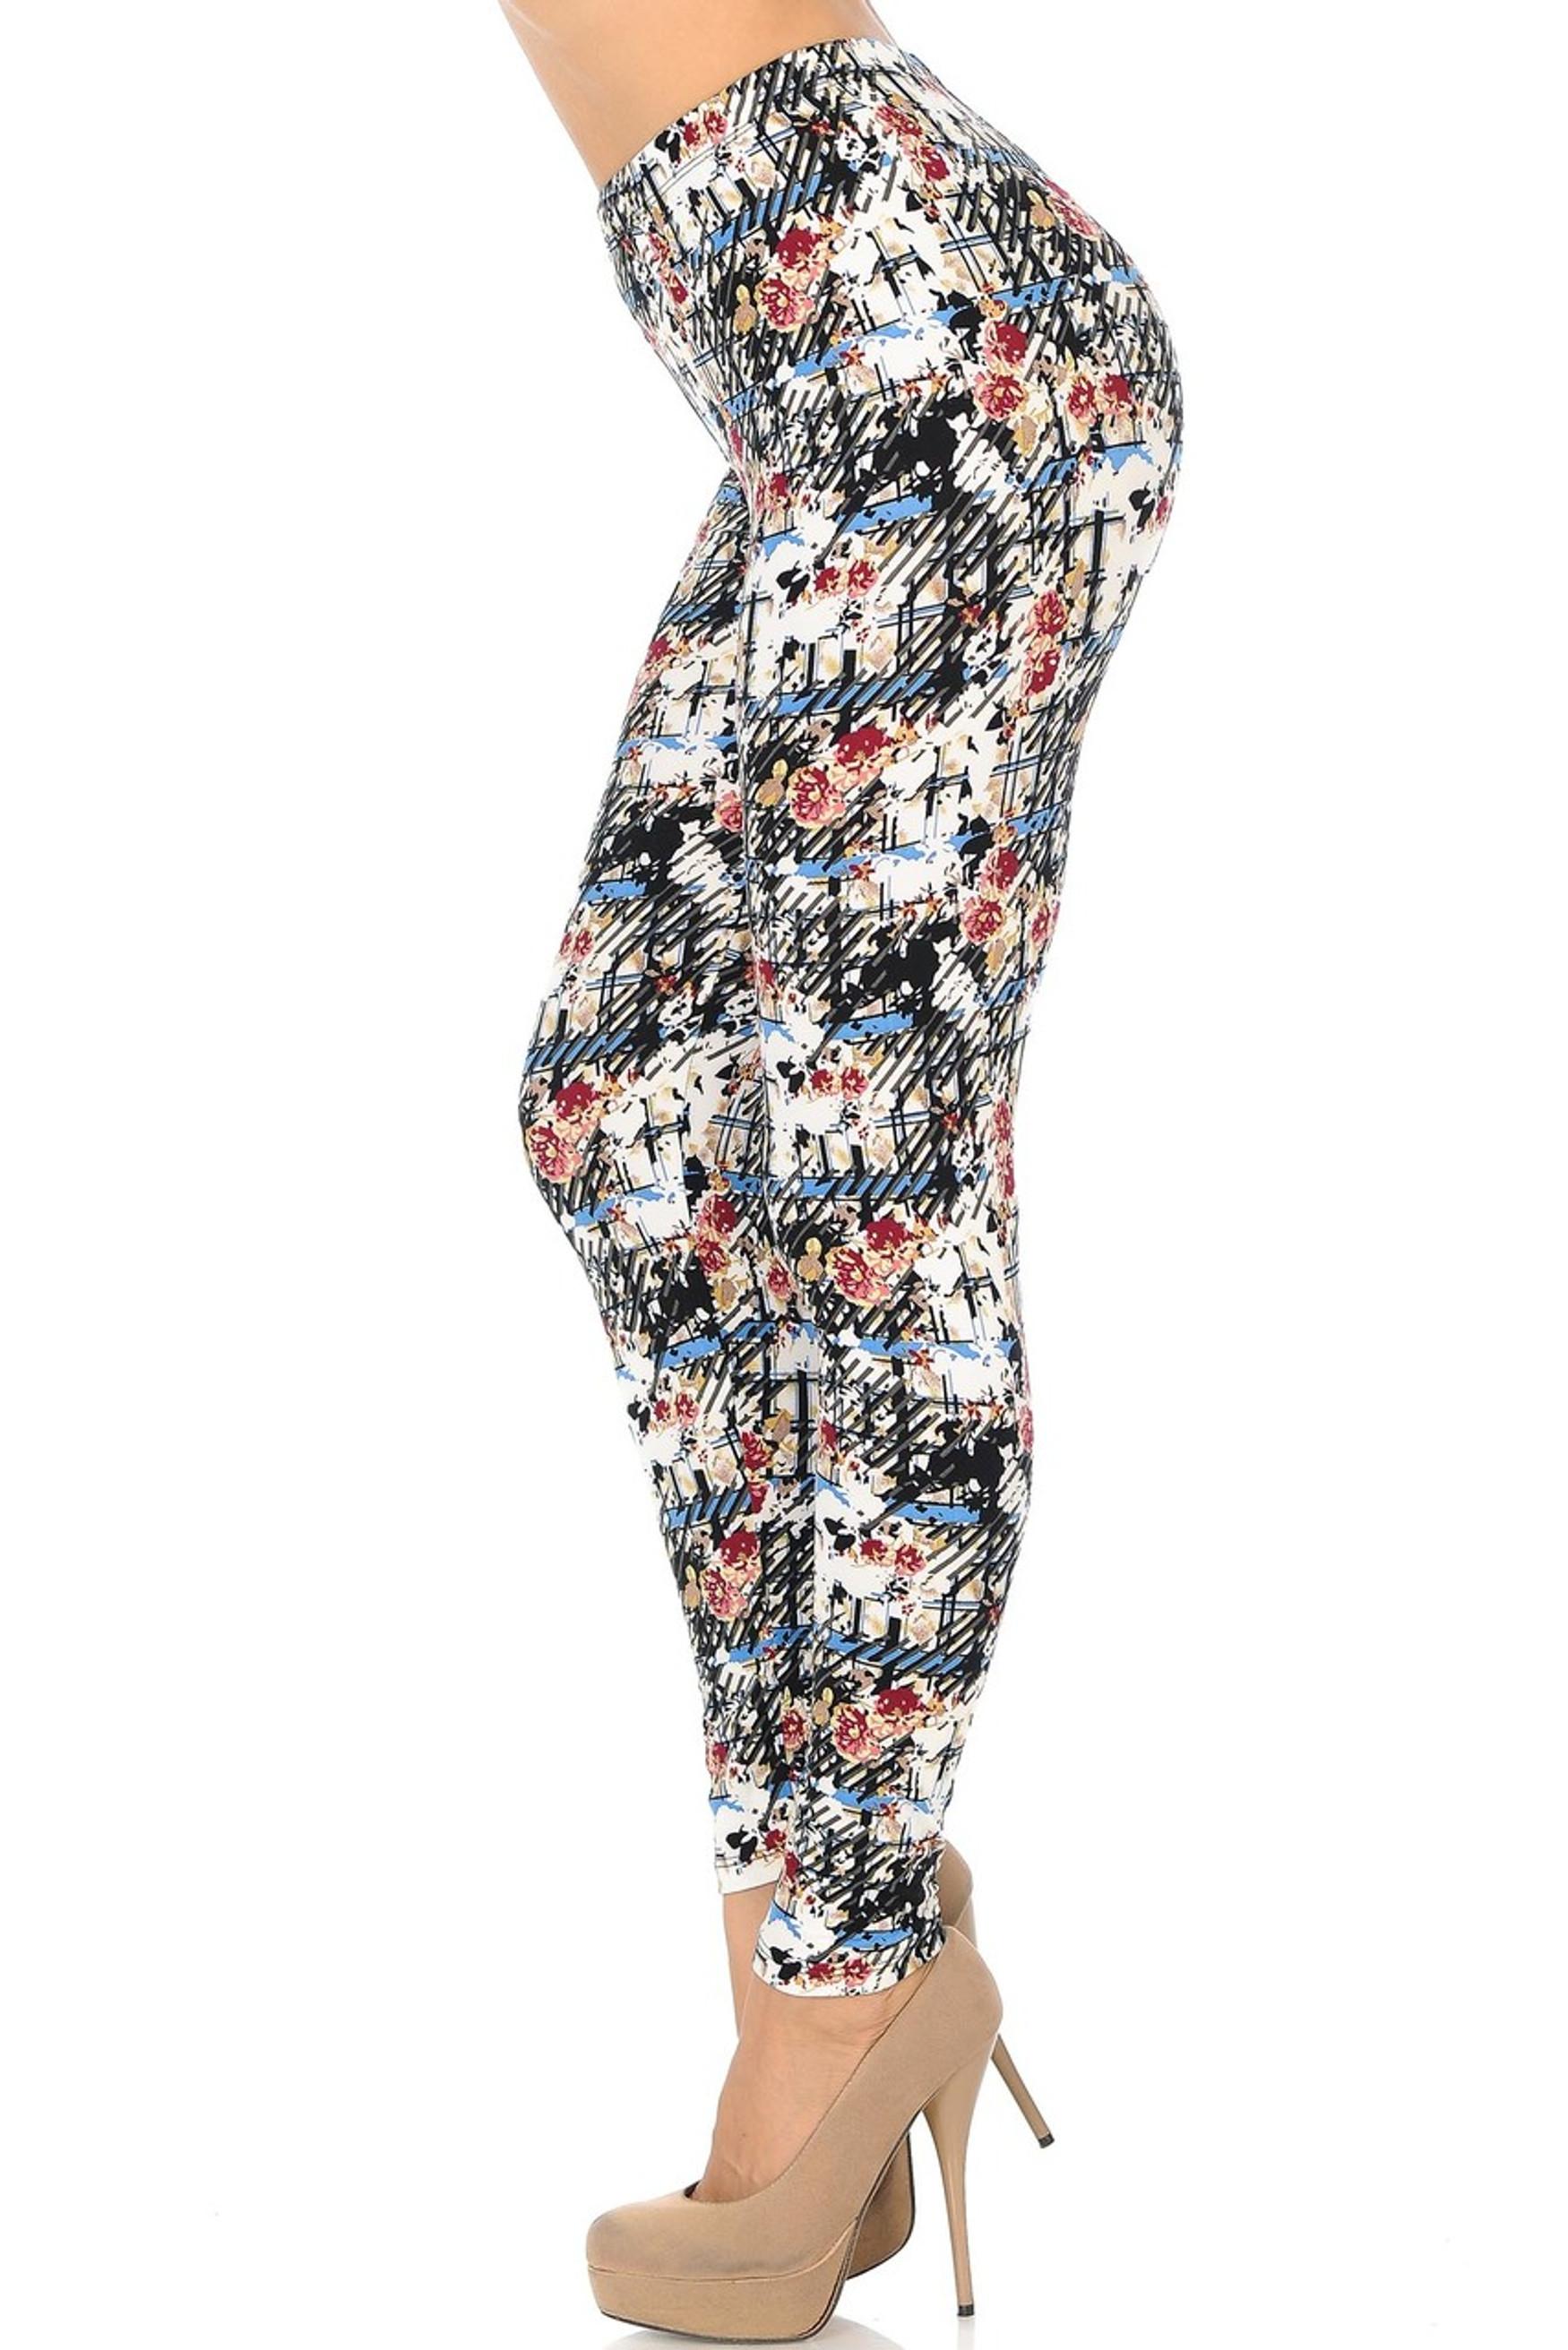 Brushed Scratch Floral Leggings